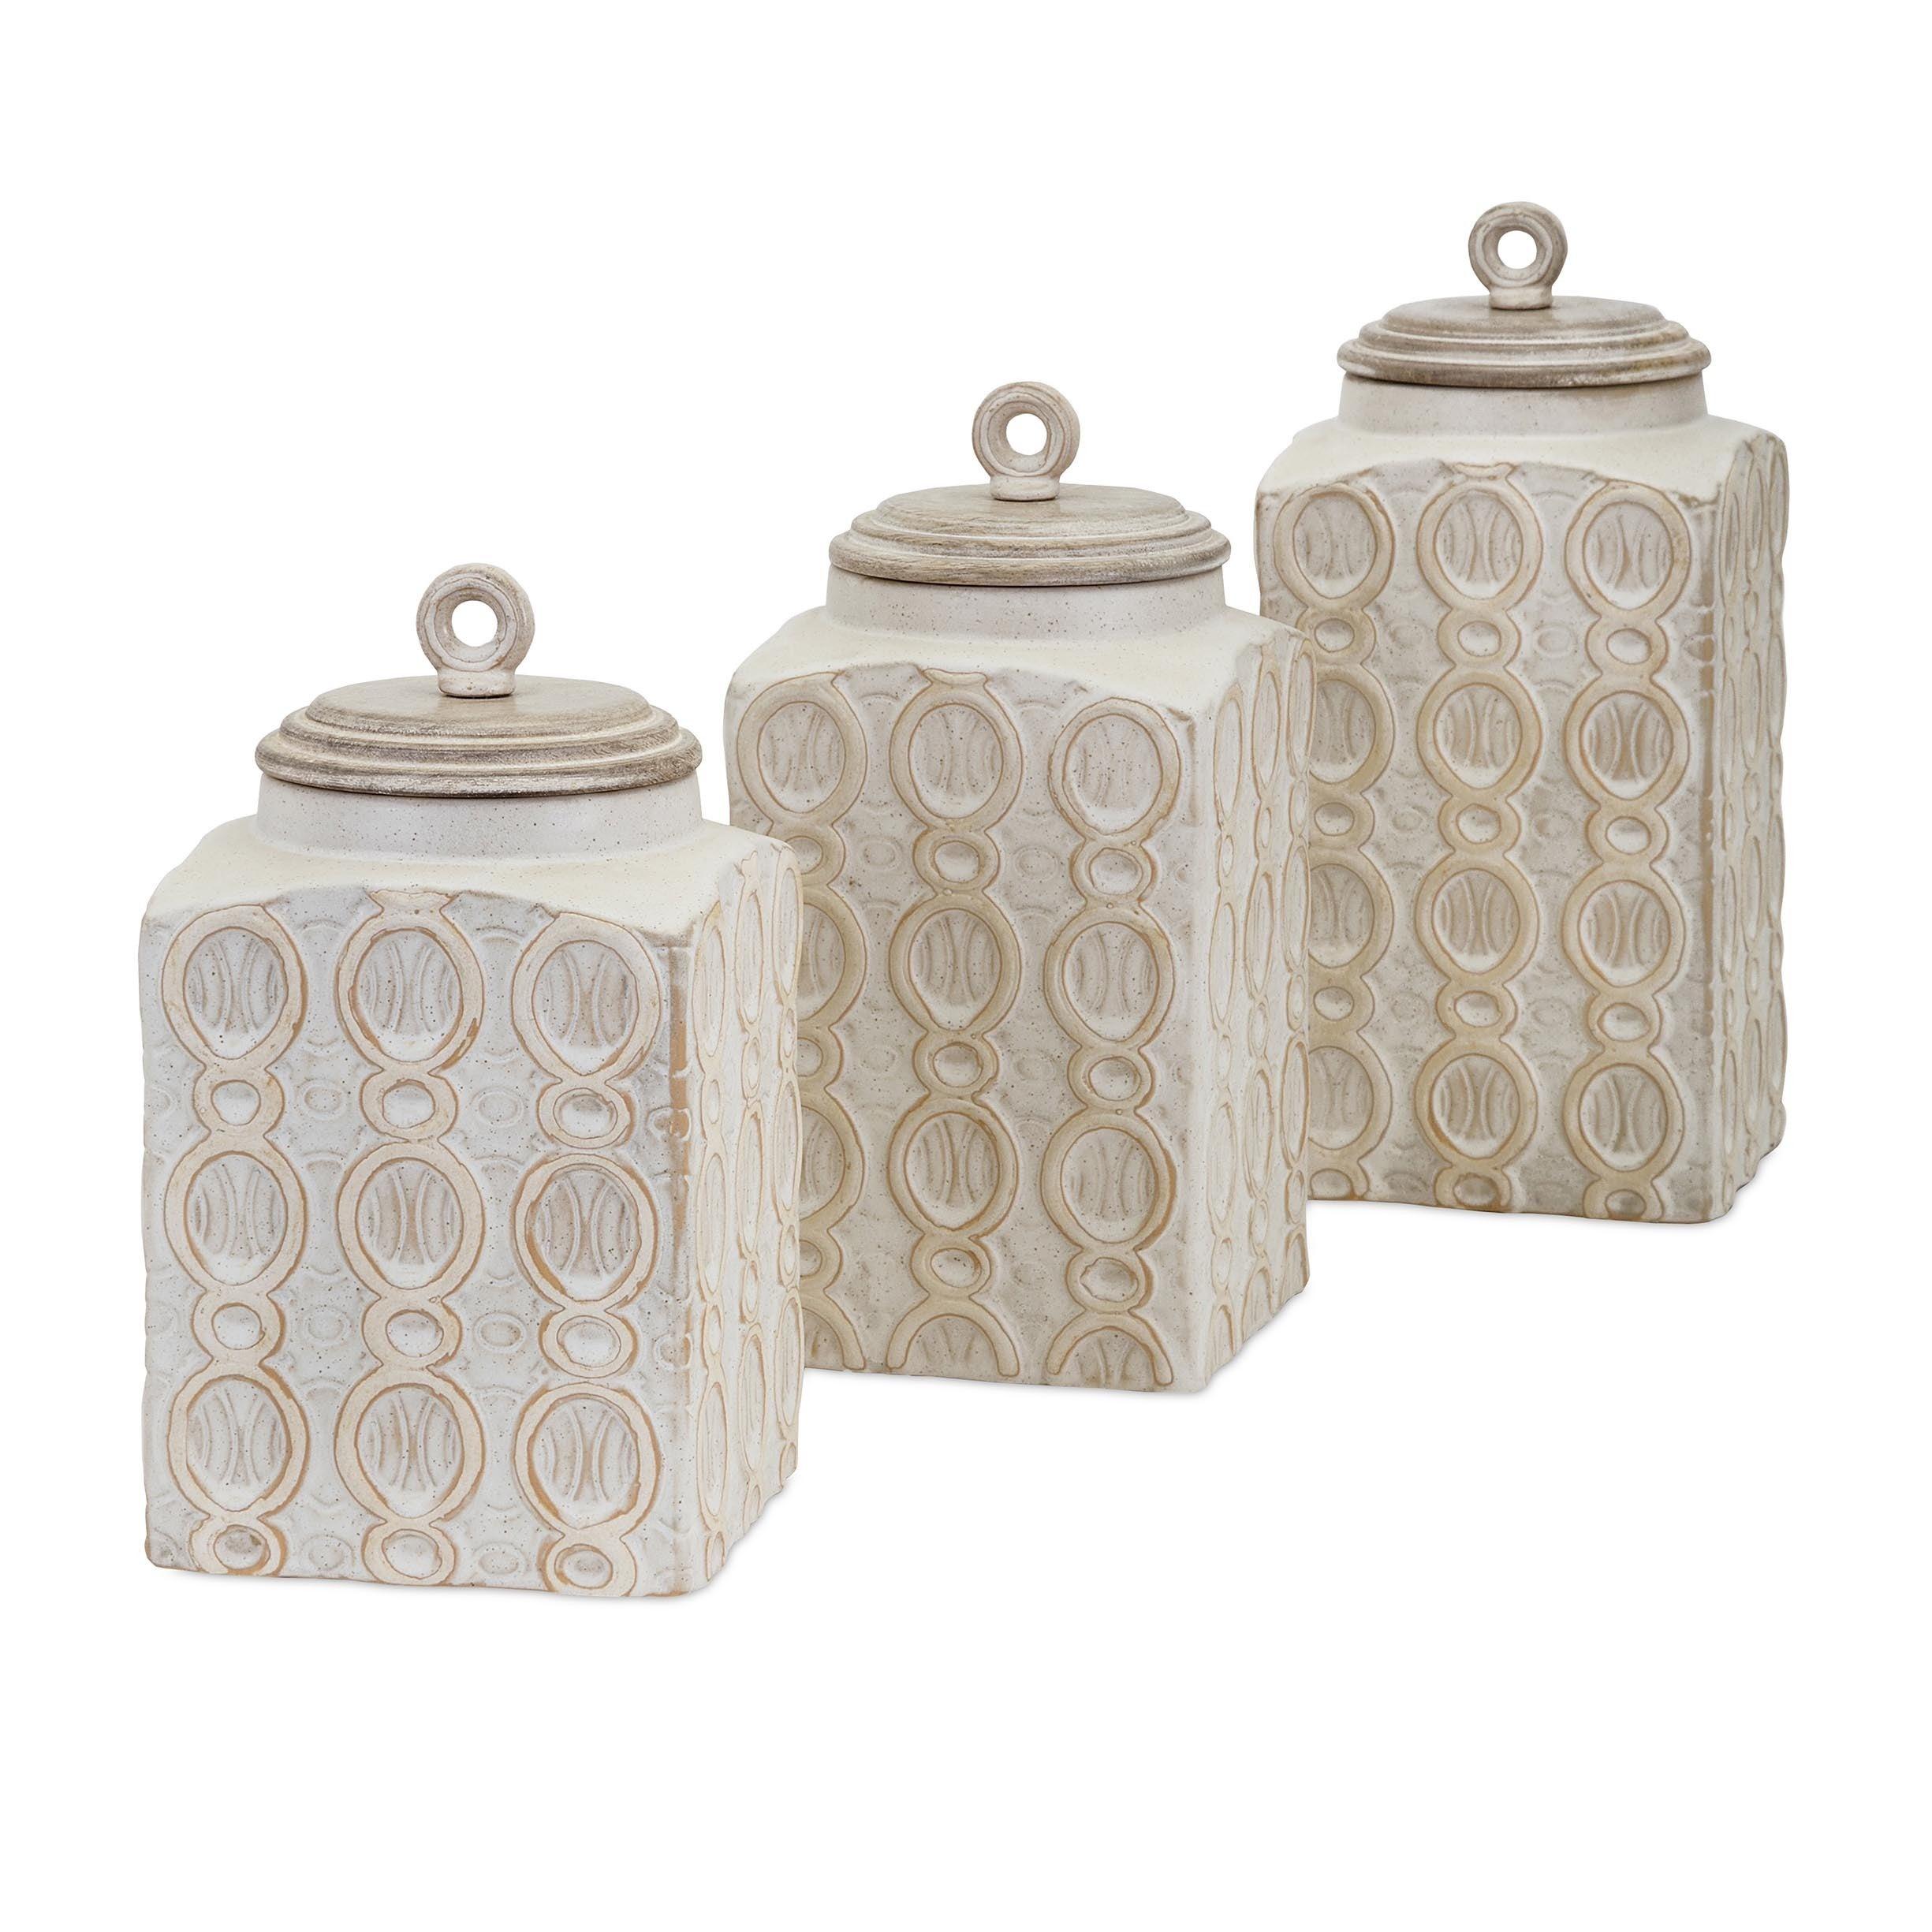 Dreanna Canister Jar Kitchen Storage Set Ceramic Distressed Cream ...